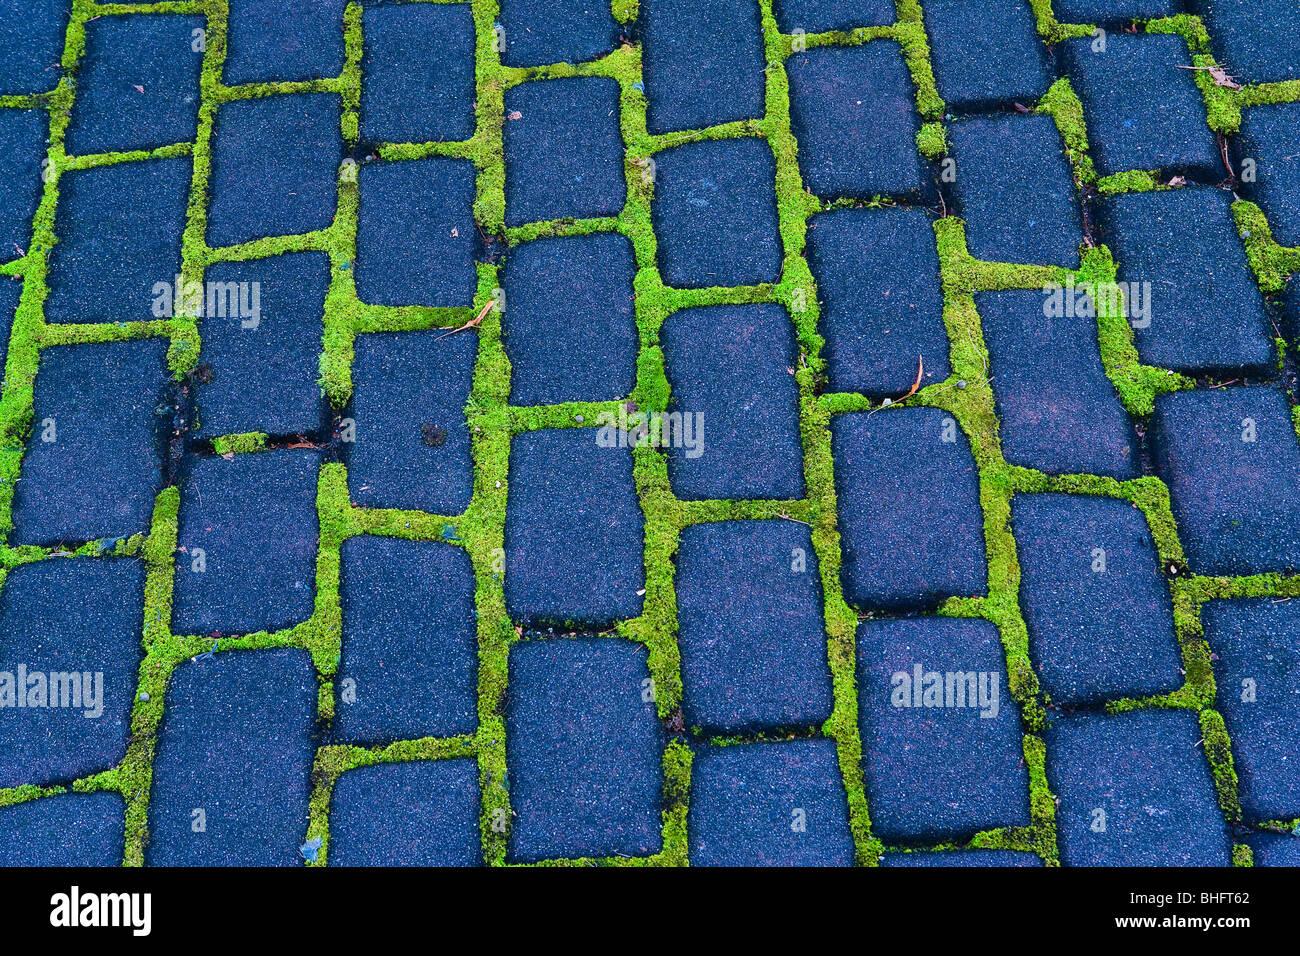 Moos zwischen Backsteinen auf einem Bürgersteig City, Seattle, WA, USA. Stockfoto